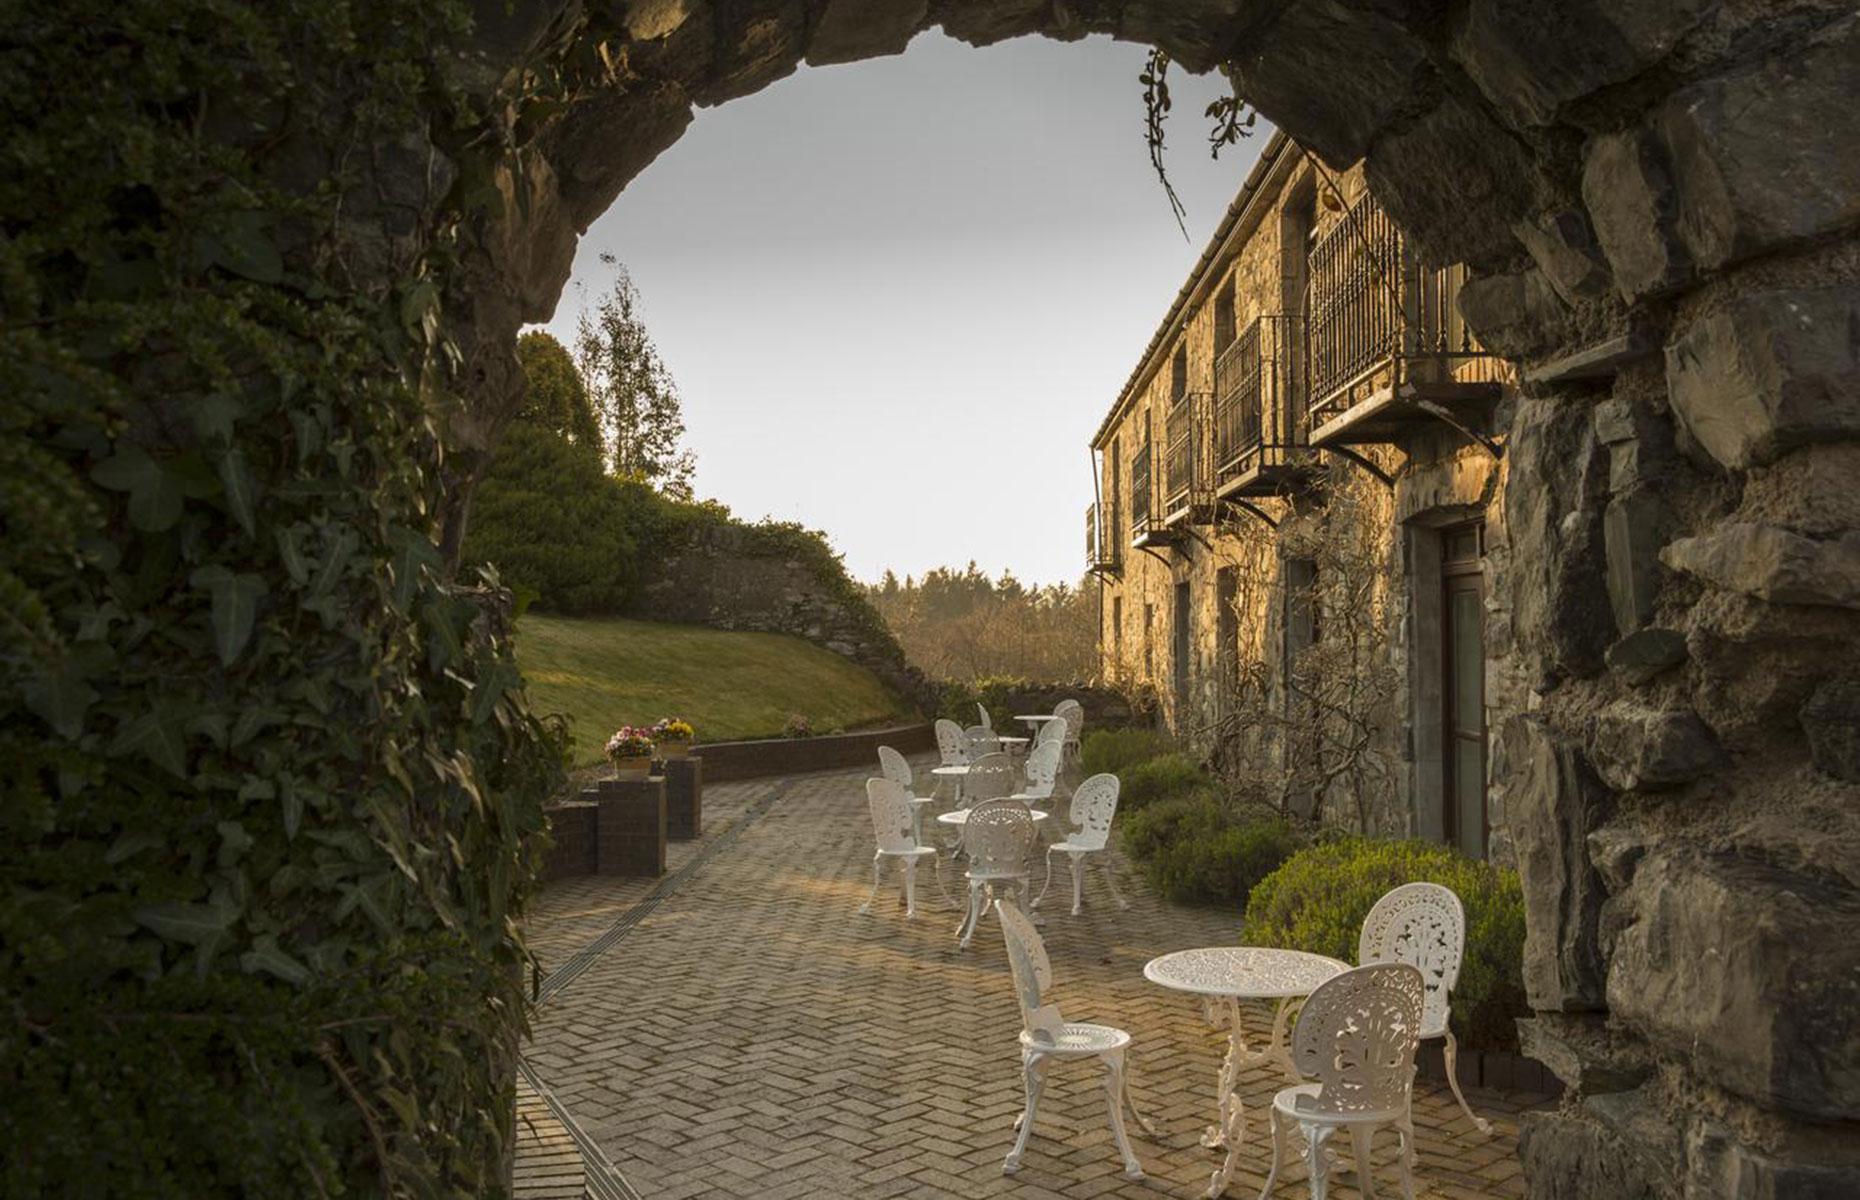 Seiont Manor, exterior near Caernarfon, Wales